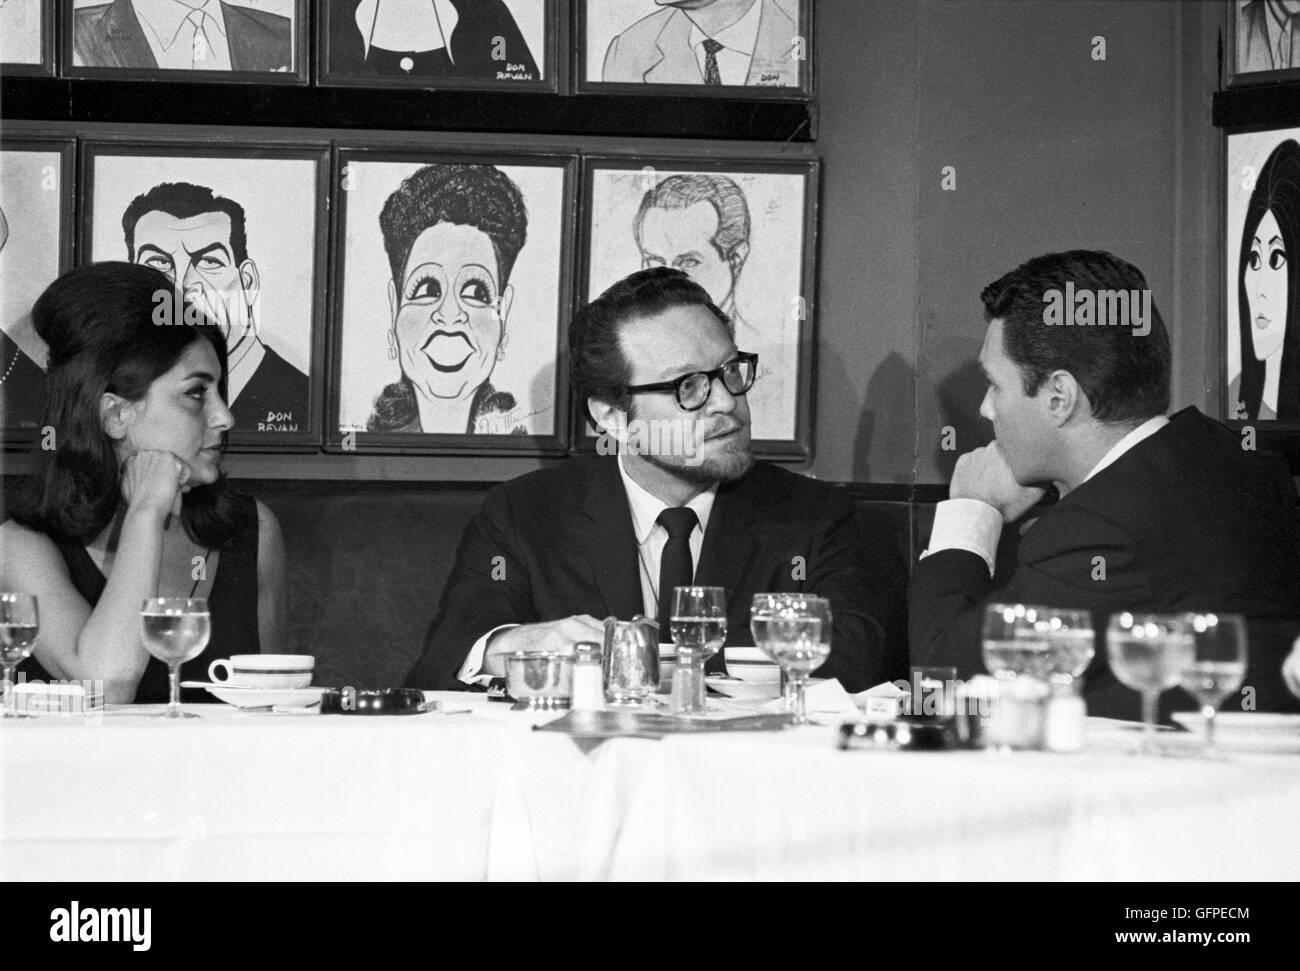 Les Crane, Alfred Drake, and Georgia Brown at Sardi's Restaurant in midtown Manhattan - Stock Image